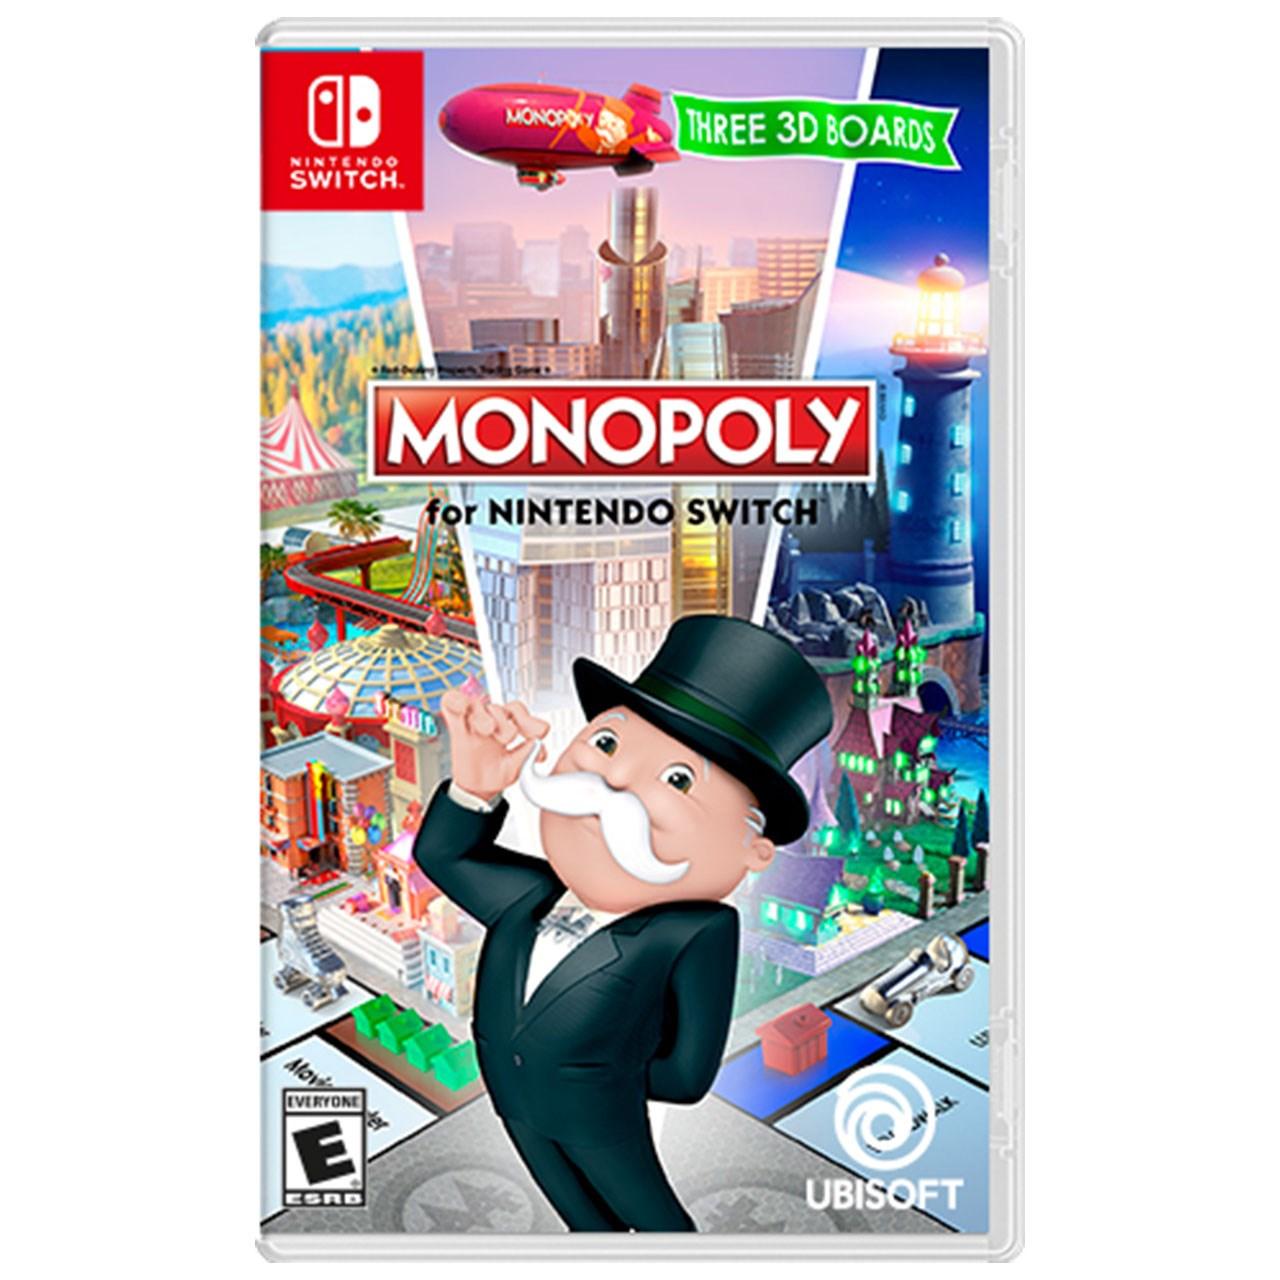 بازی Monopoly مخصوص Nintendo Switch